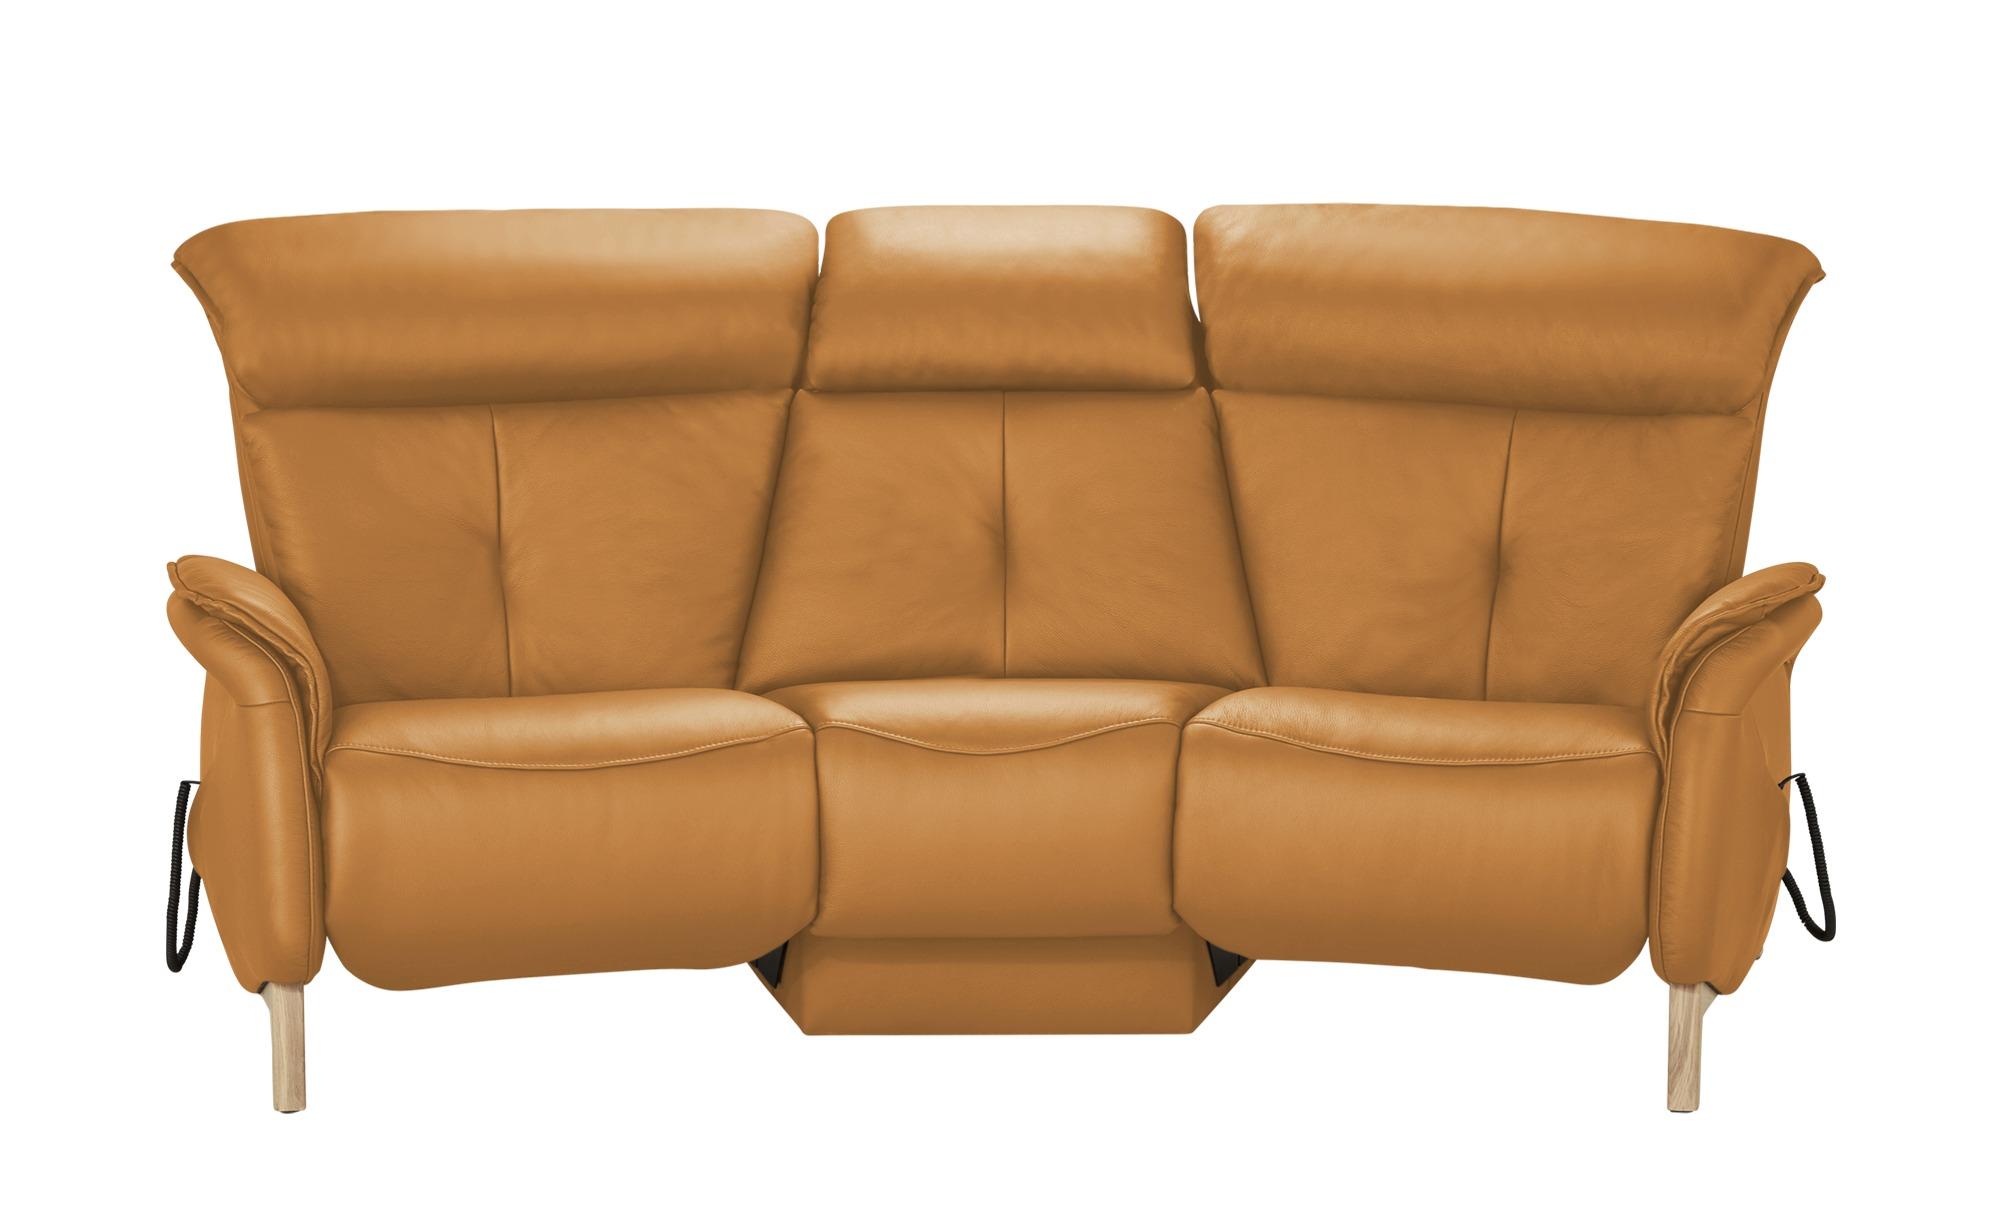 himolla Einzelsofa Leder  4708 ¦ orange ¦ Maße (cm): B: 216 H: 97 T: 119 Polstermöbel > Sofas > 2-Sitzer - Höffner